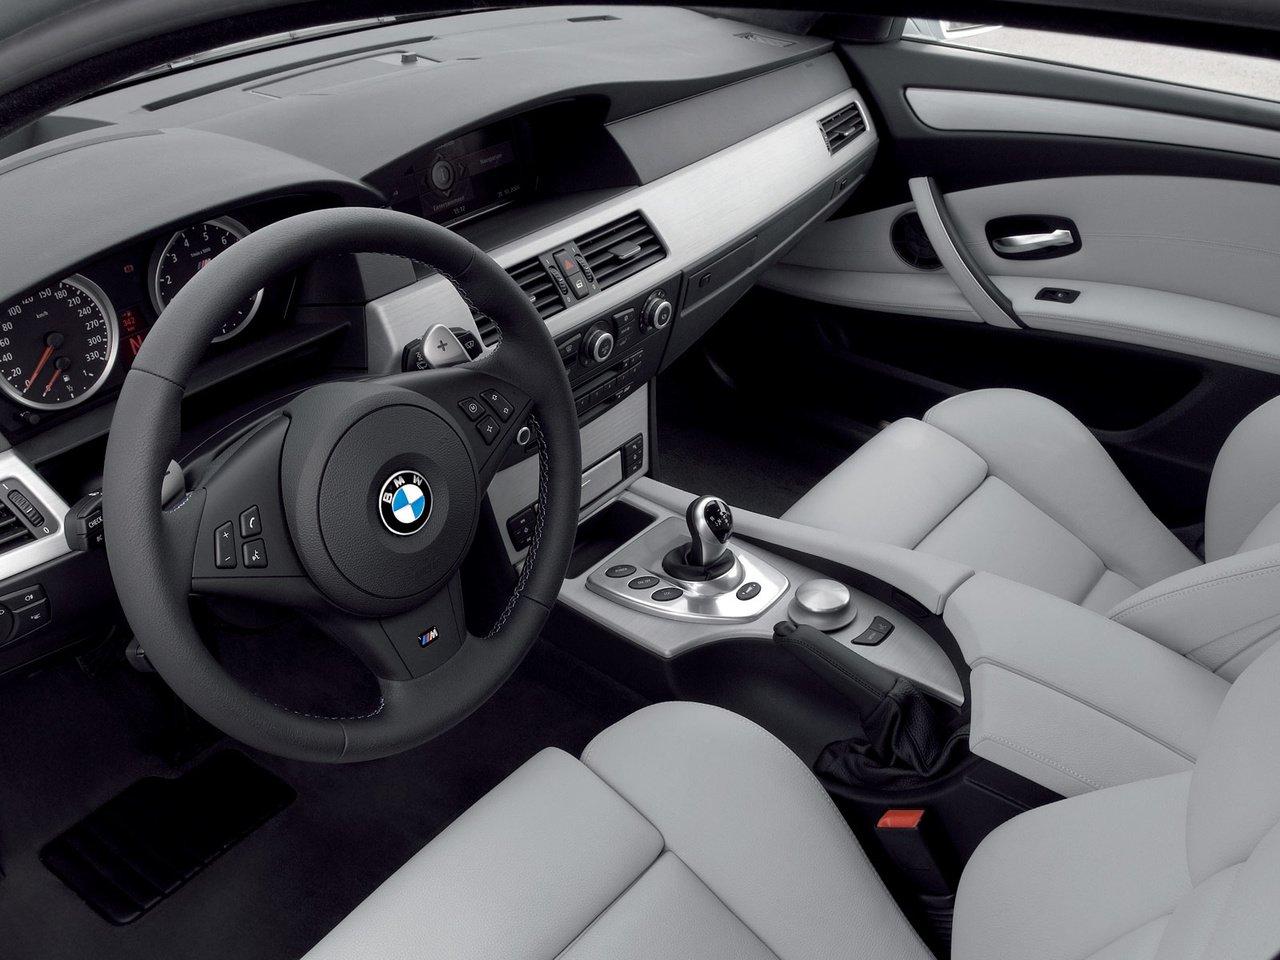 Как правильно выполнить инициализацию стеклоподъемника BMW 5 E60